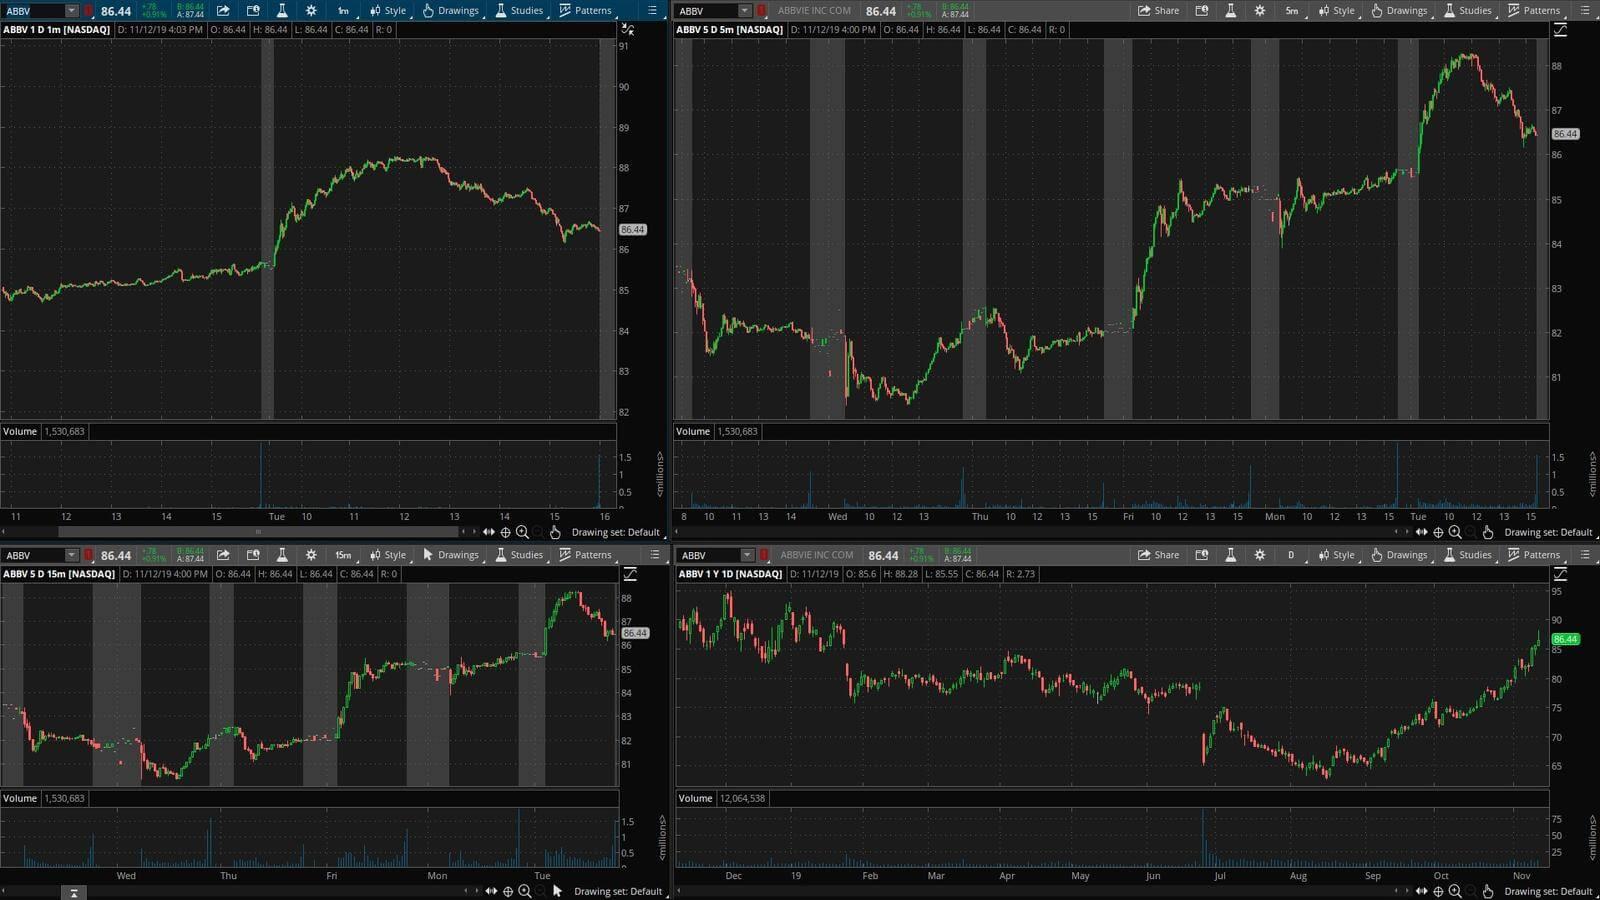 ABBV - график акции на фондовой бирже